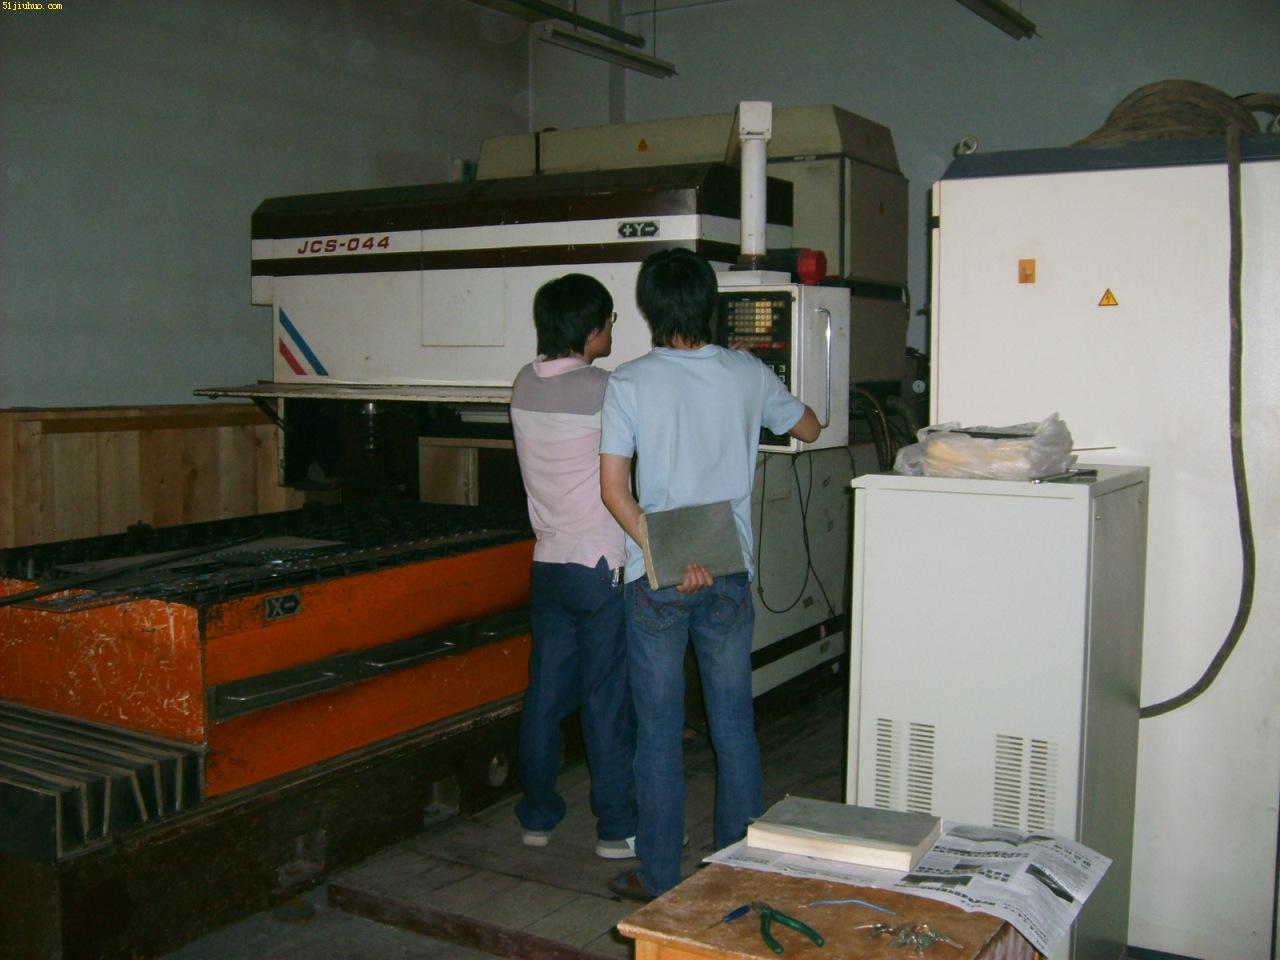 出售:二手jcs-044数控激光切割机